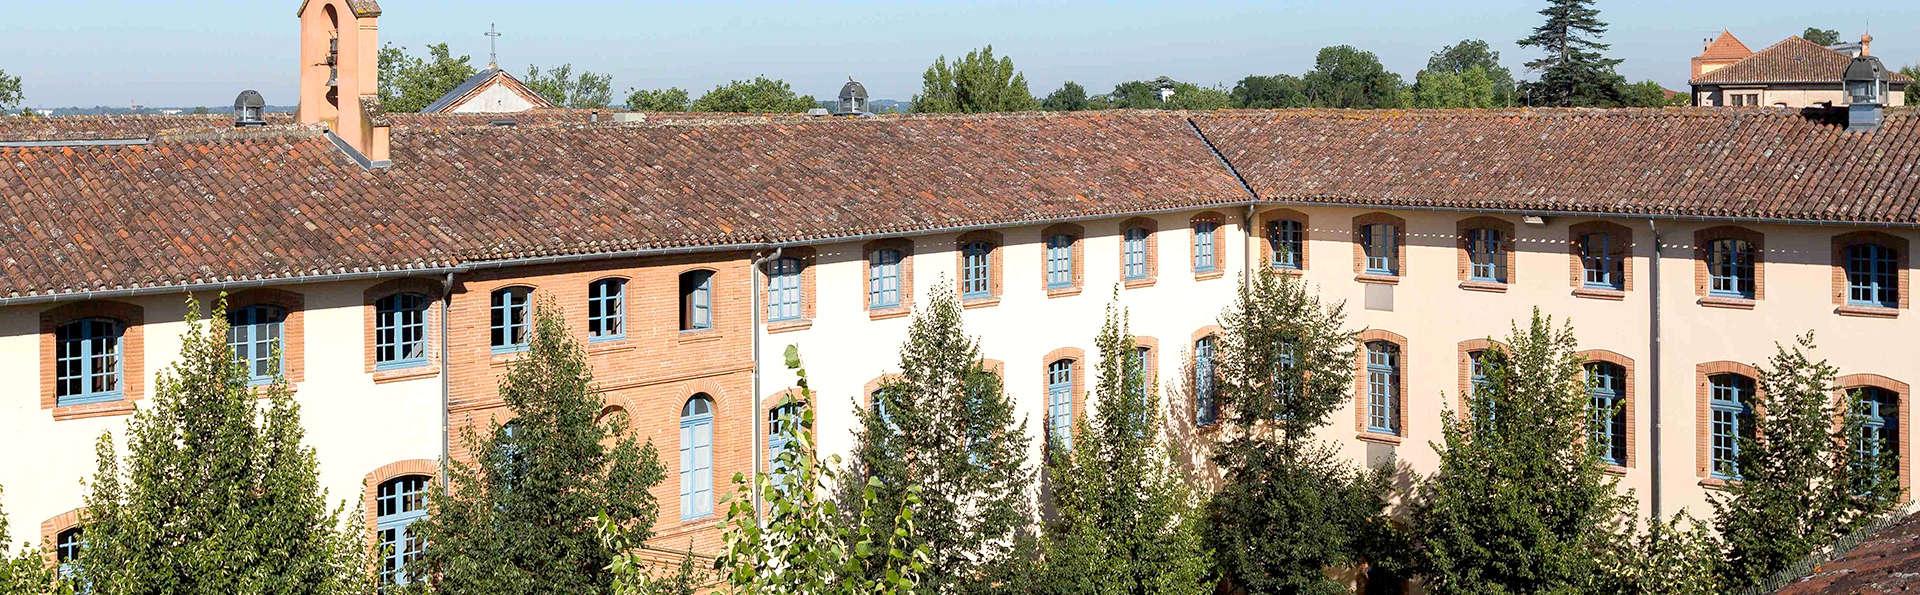 Abbaye des Capucins Hôtel Spa & Resort BW Premier Collection - Edit_Front.jpg